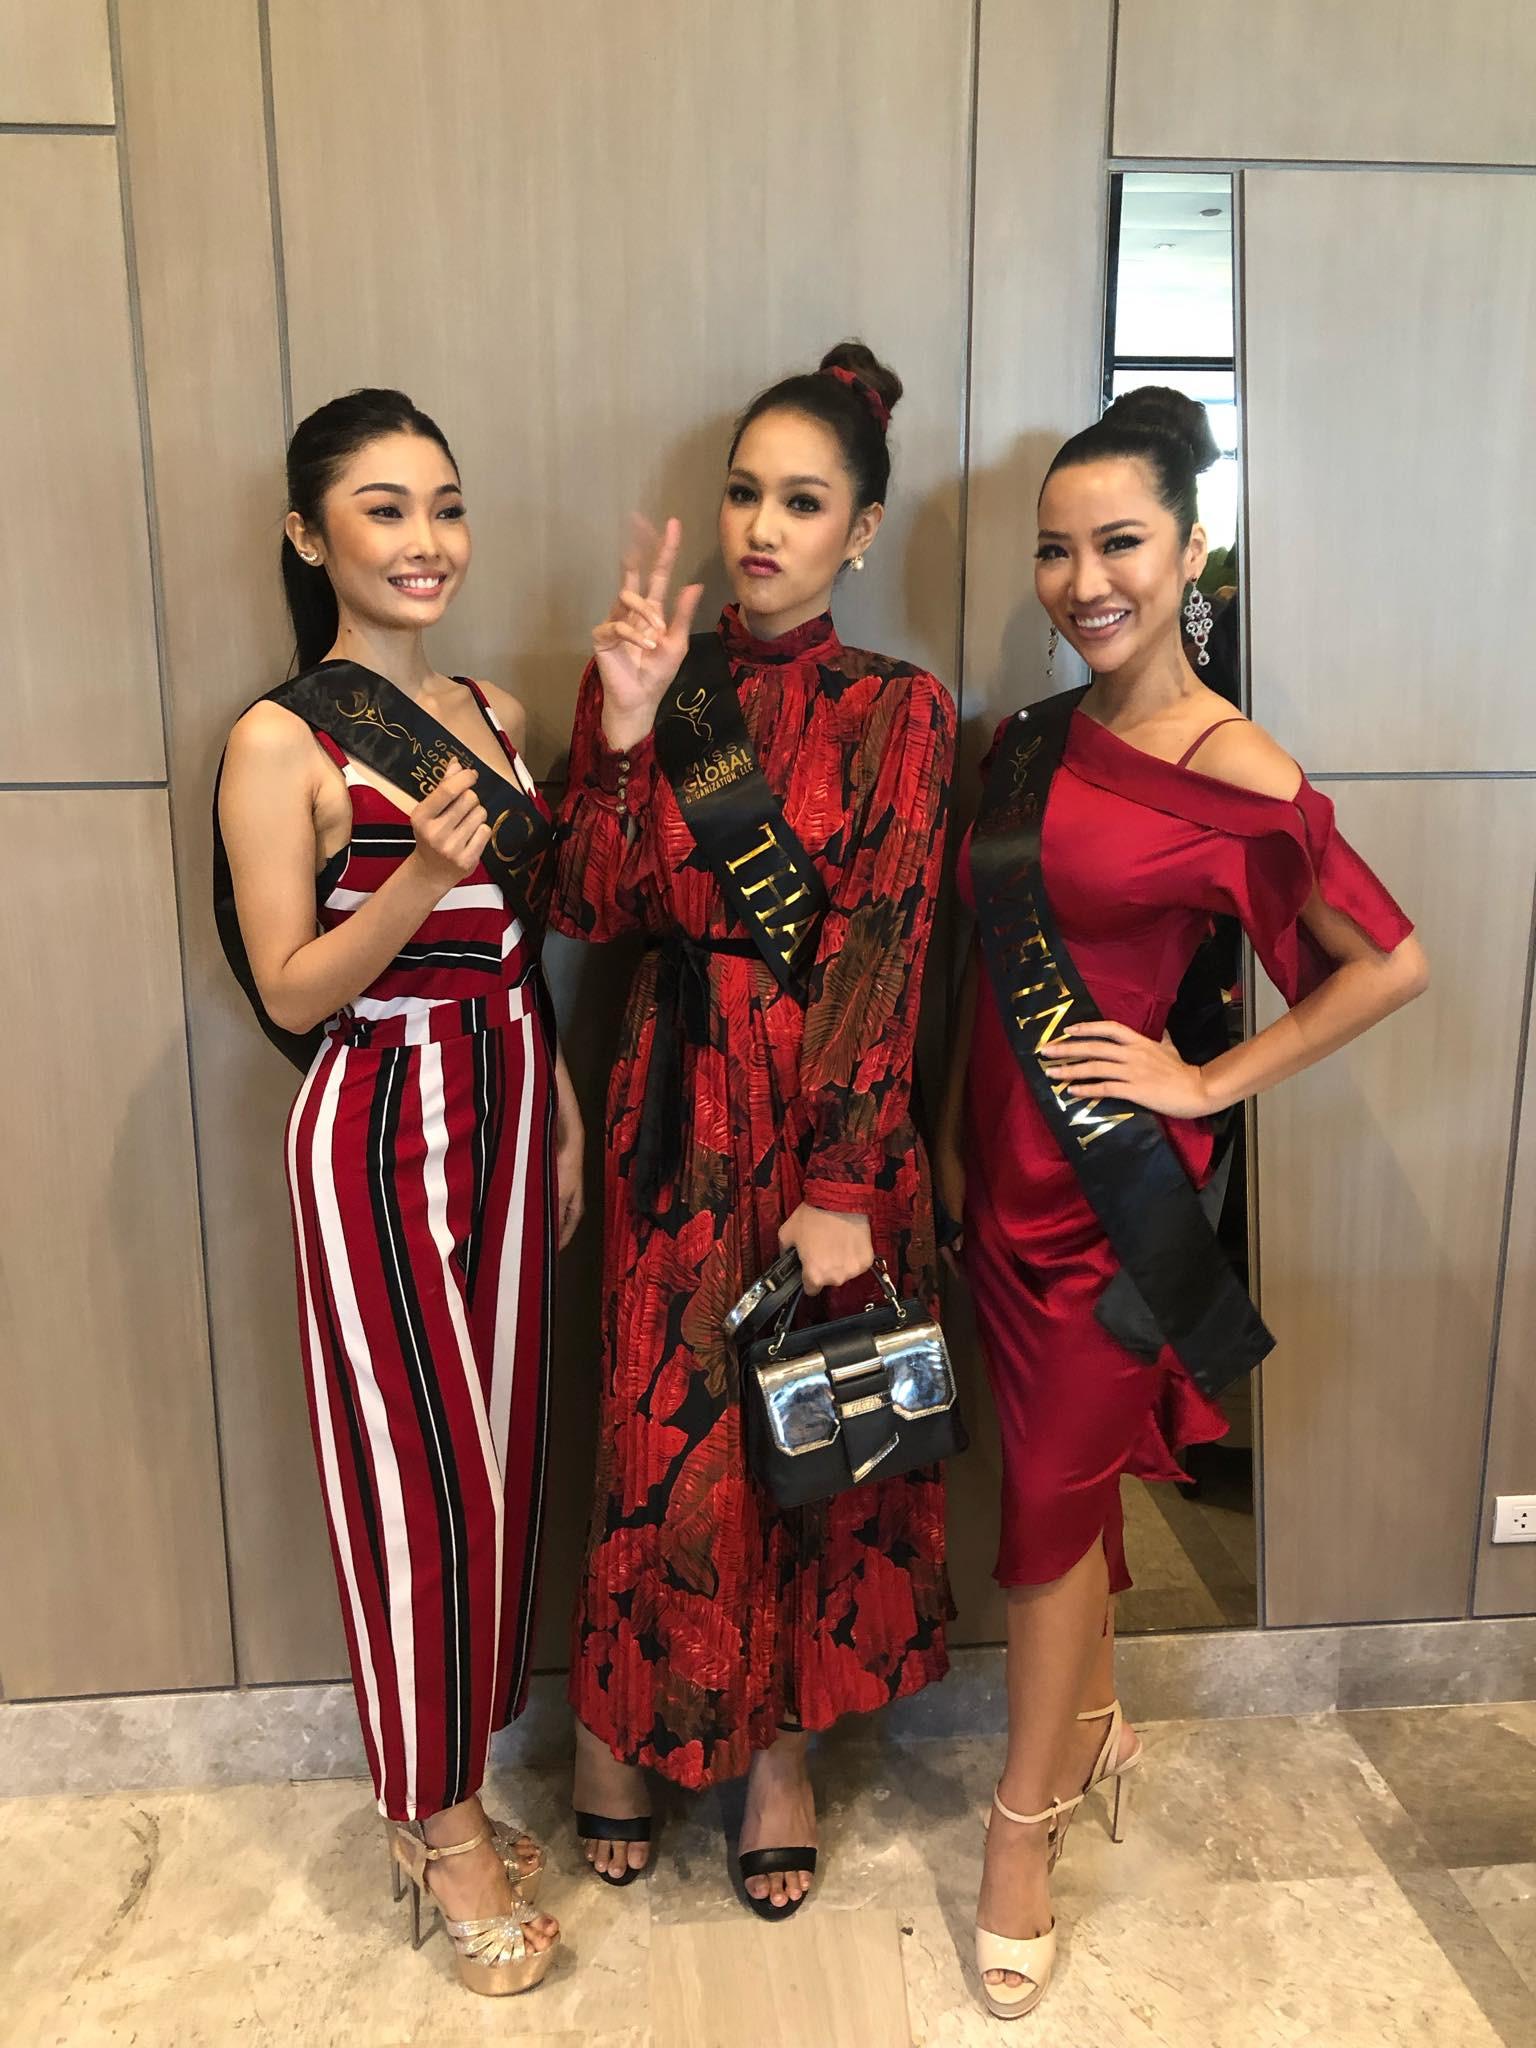 Tuyên bố không thi nhan sắc nhưng Á hậu Kiko vì sao vẫn lên đường tham gia cuộc thi thứ 5?